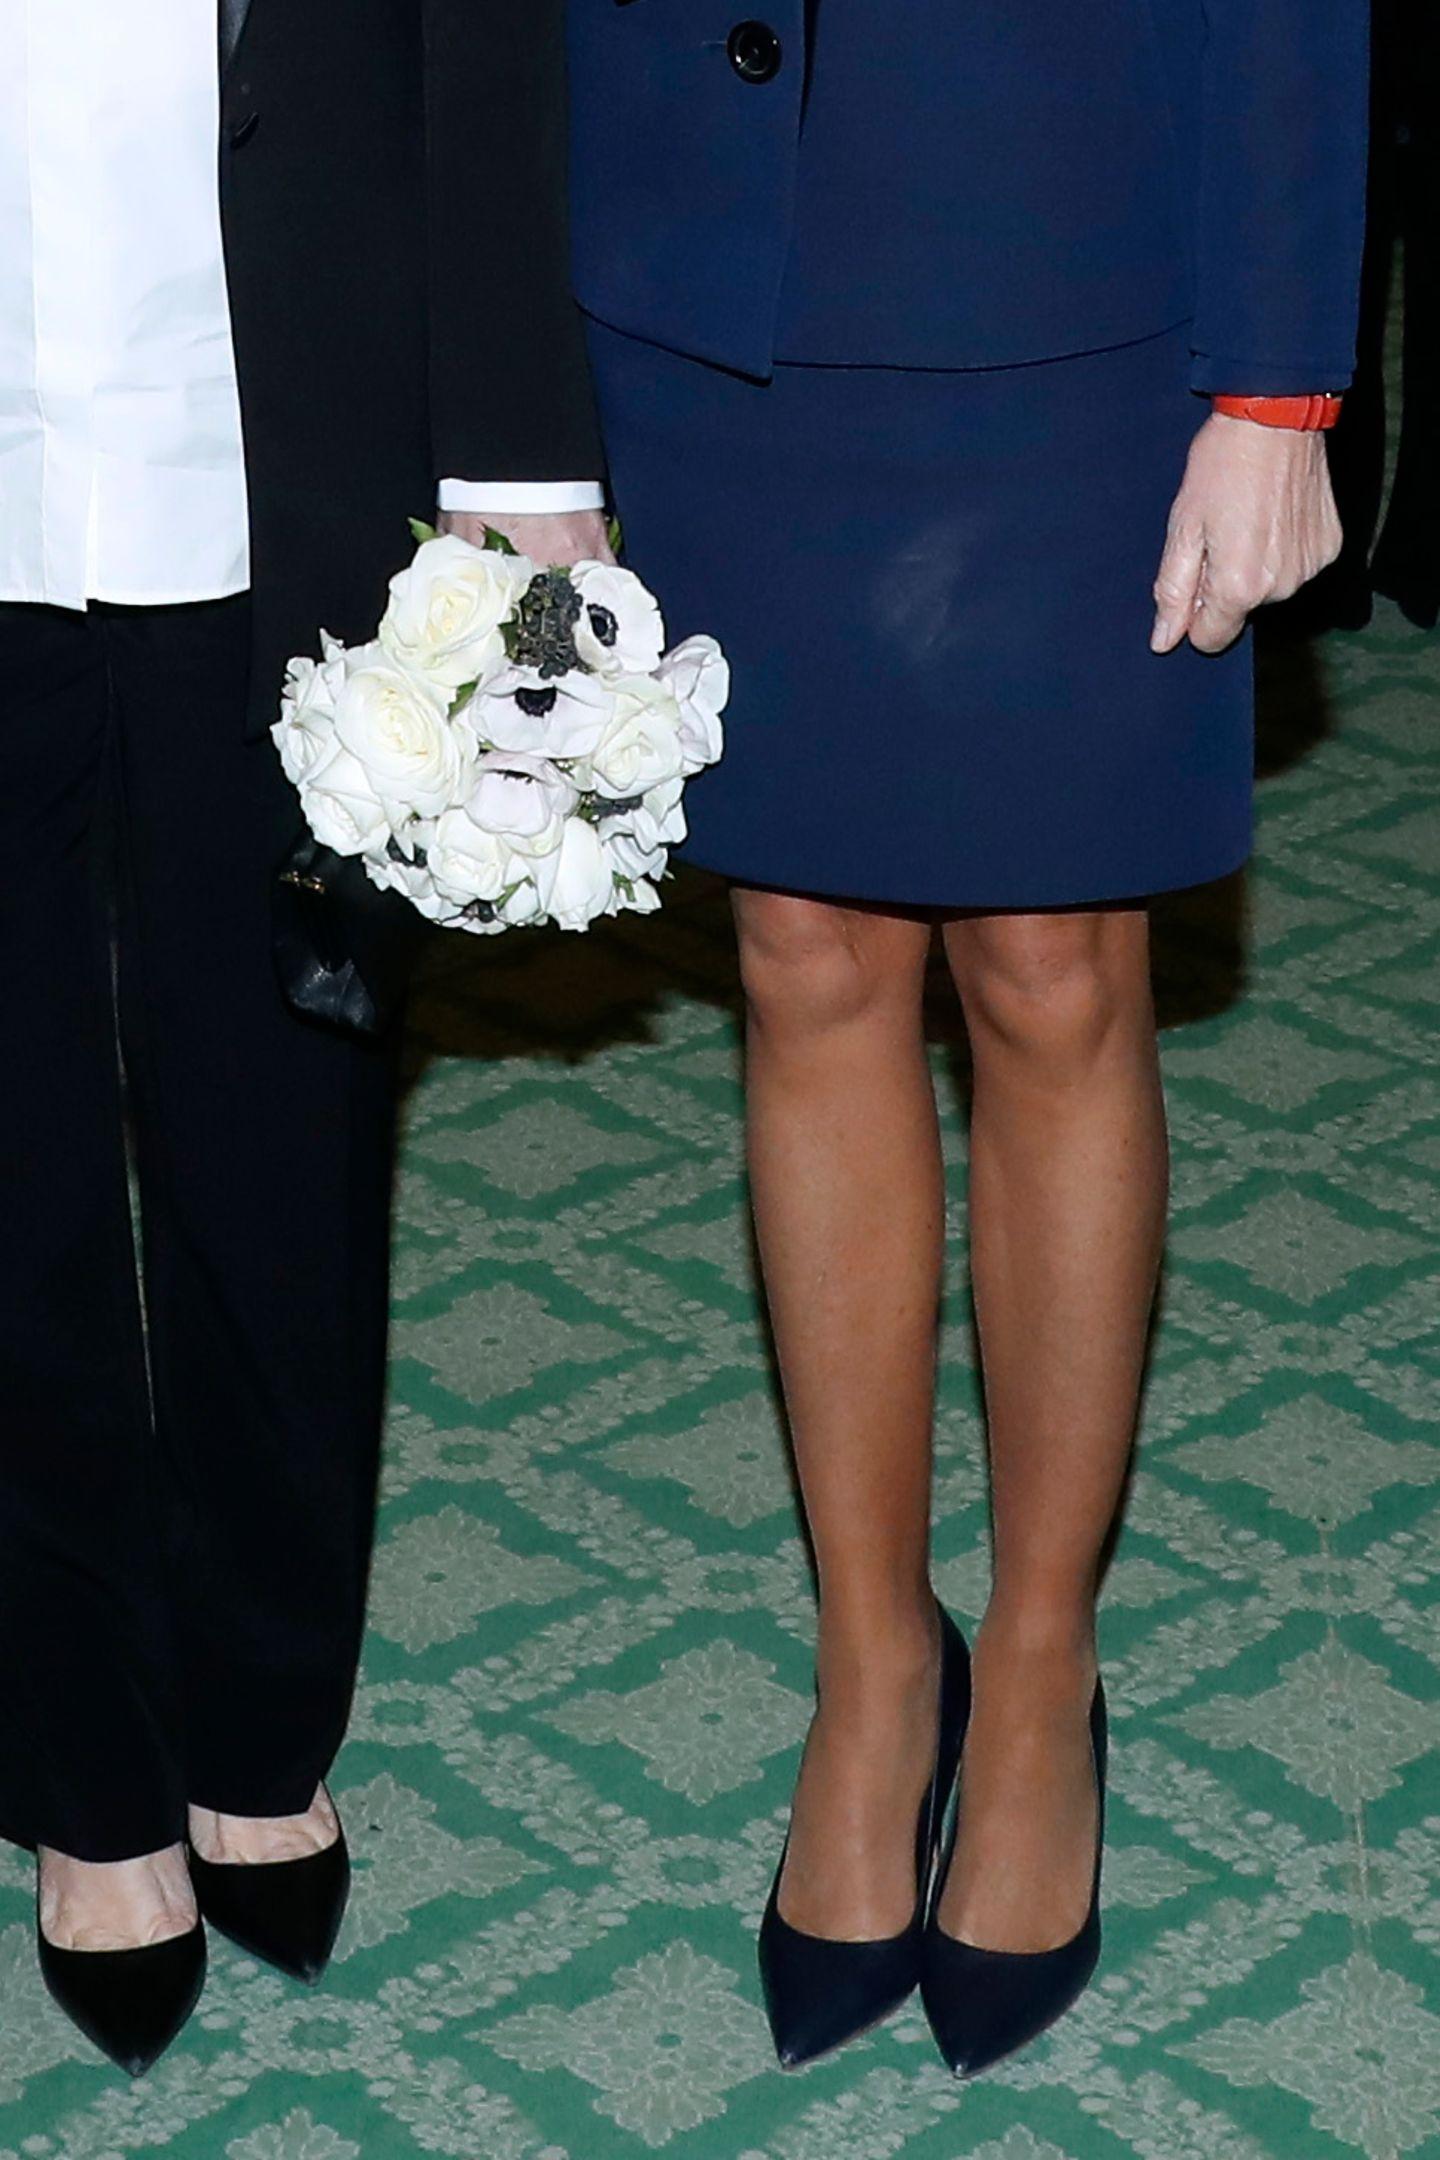 Auch der Rock der First Lady zeigt helle Make-up-Spuren. Ärgerlich! Von diesem Fauxpas lenkt auch Brigittes knallrote Armbanduhr nicht ab ...